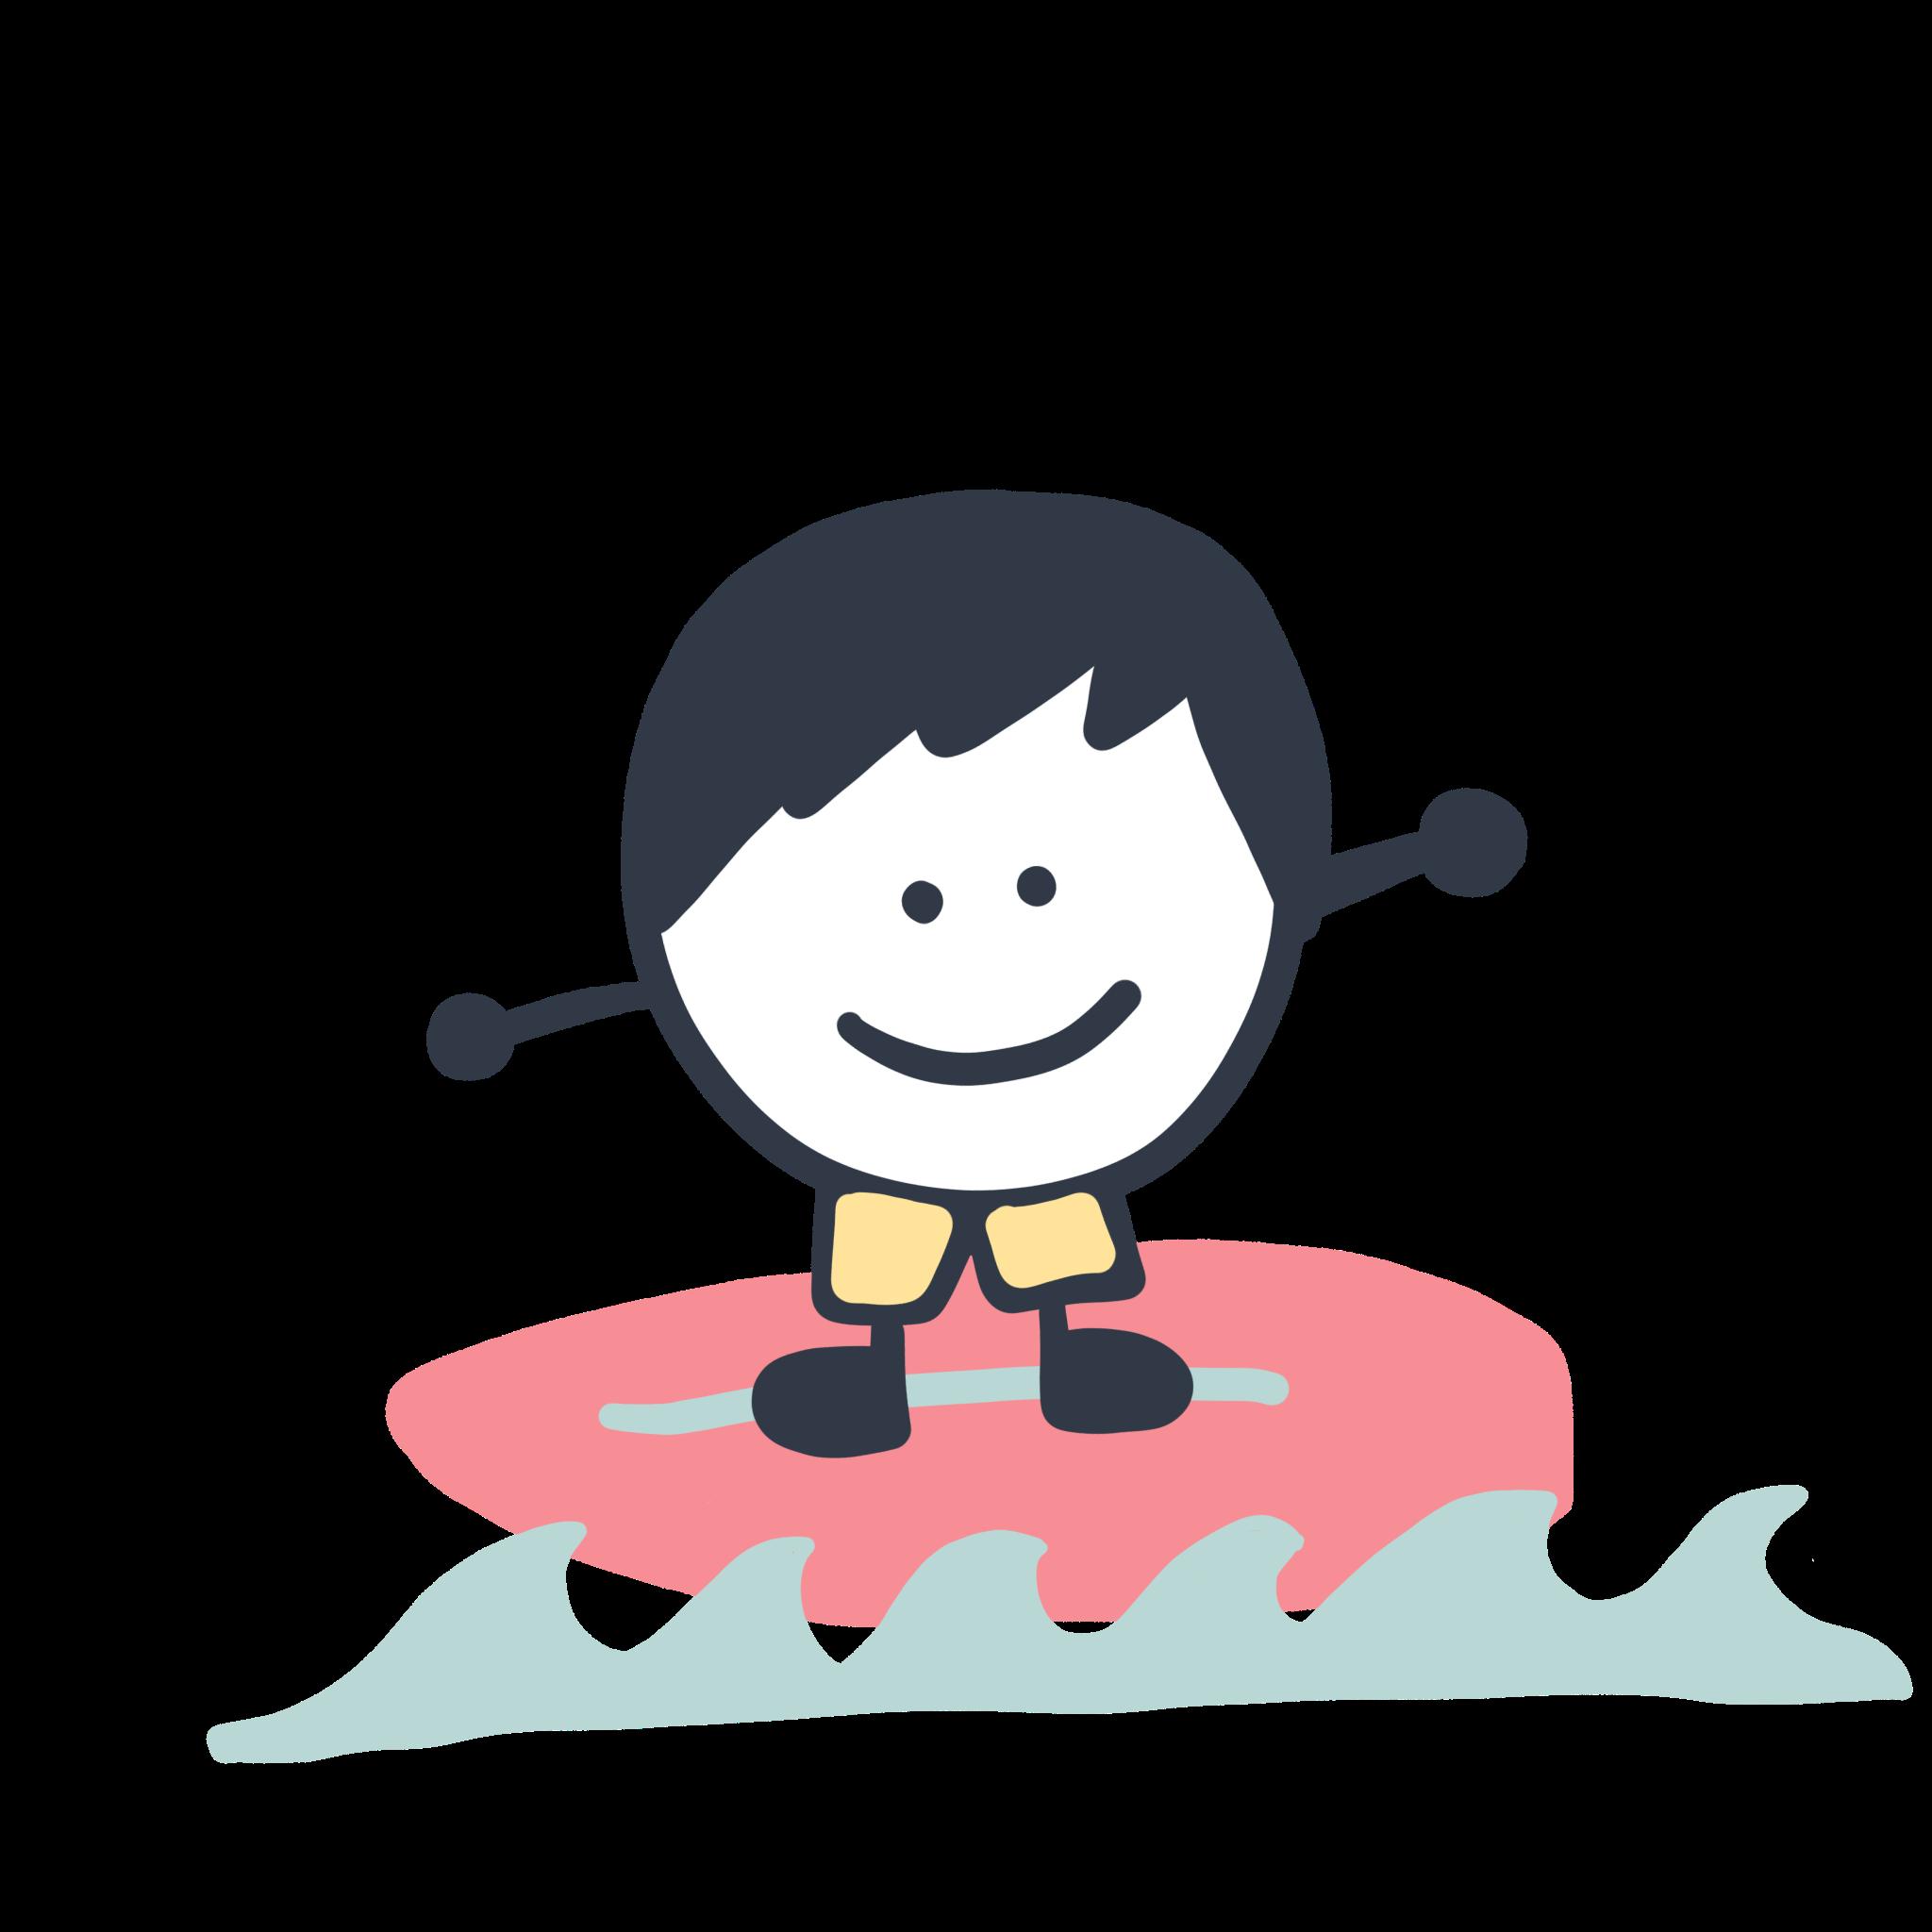 Kleiner Entdecker surft